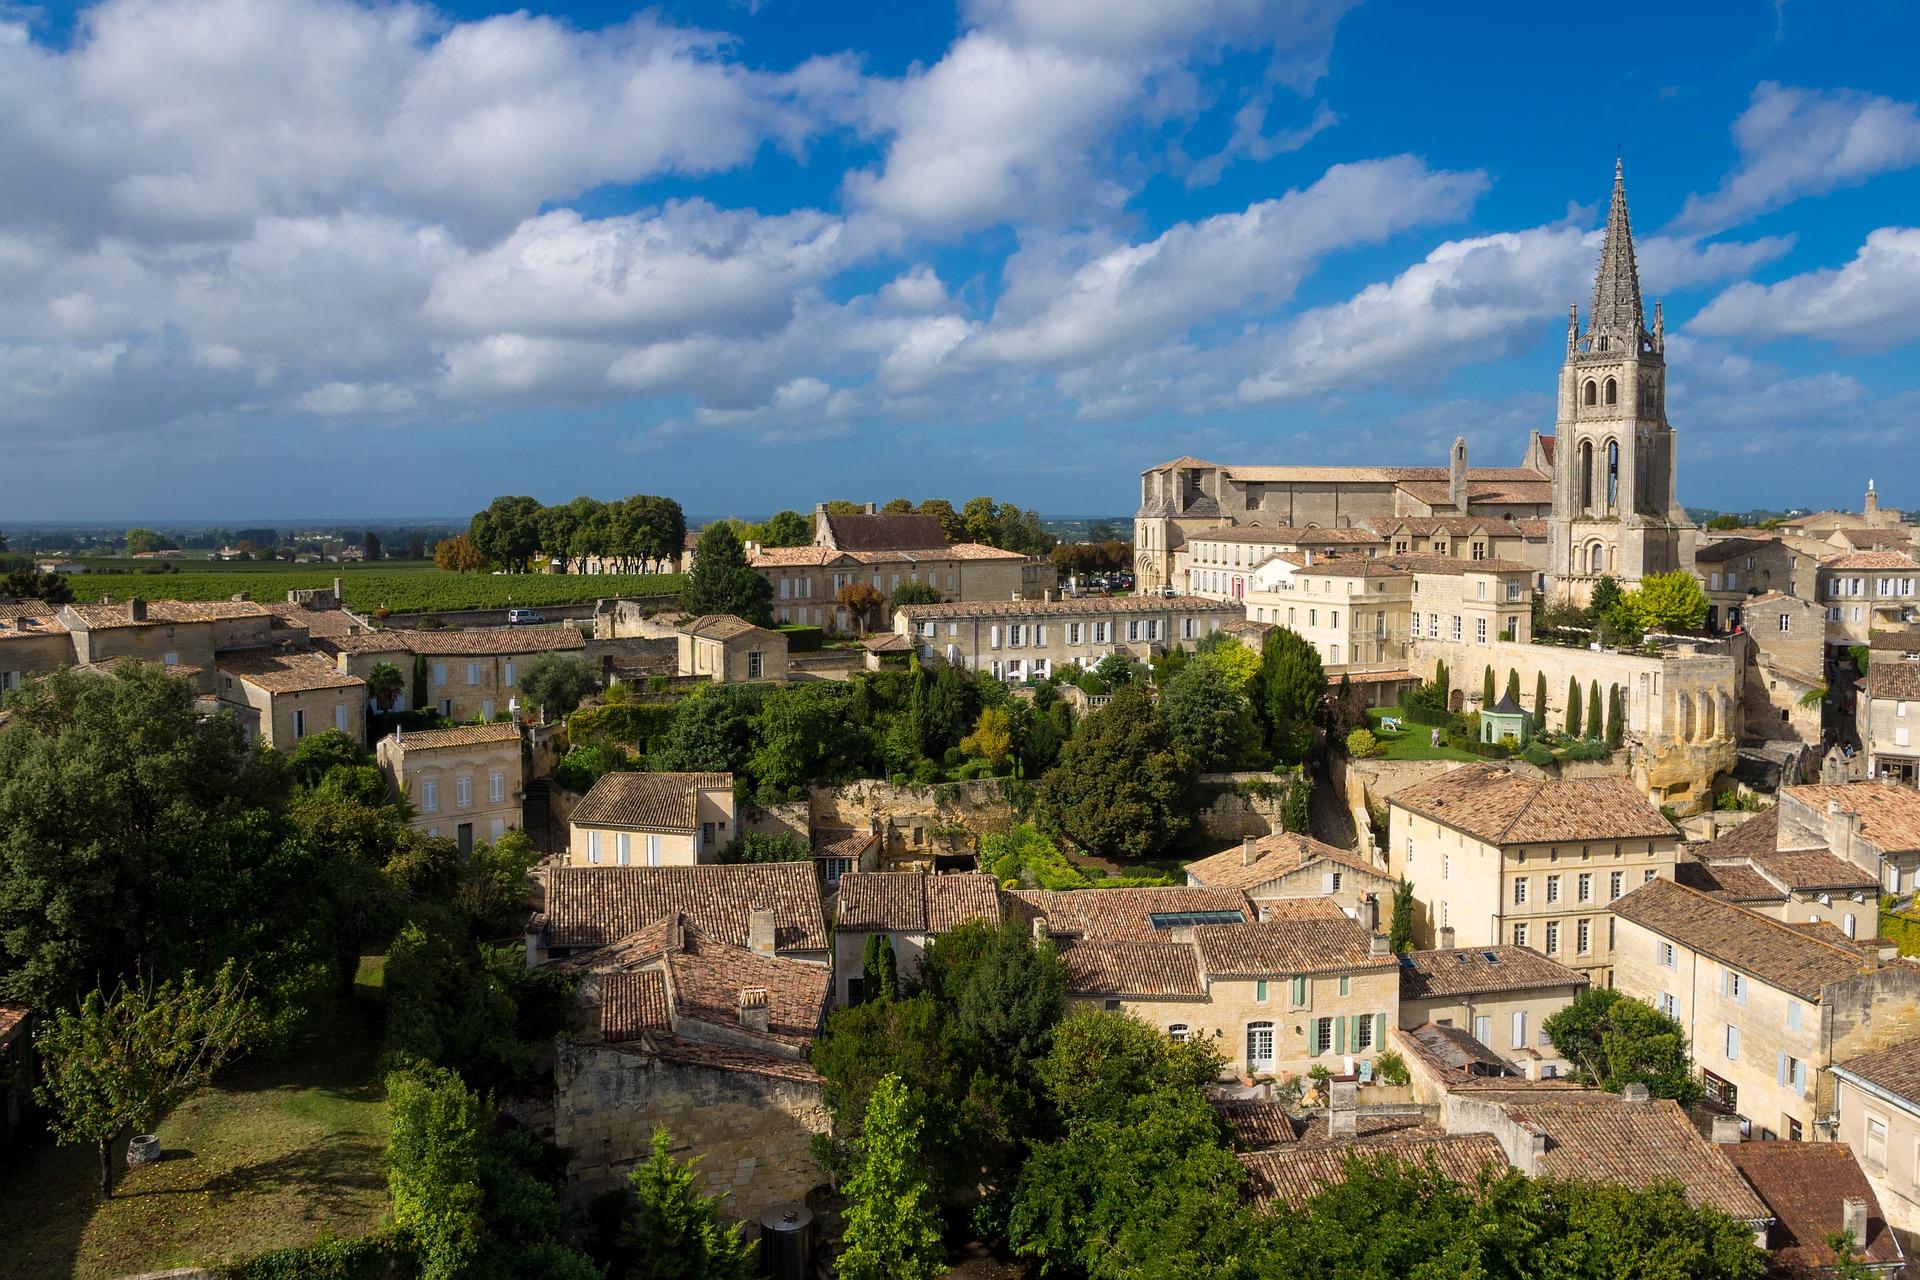 Saint-Émilion vlak bij Bordeaux